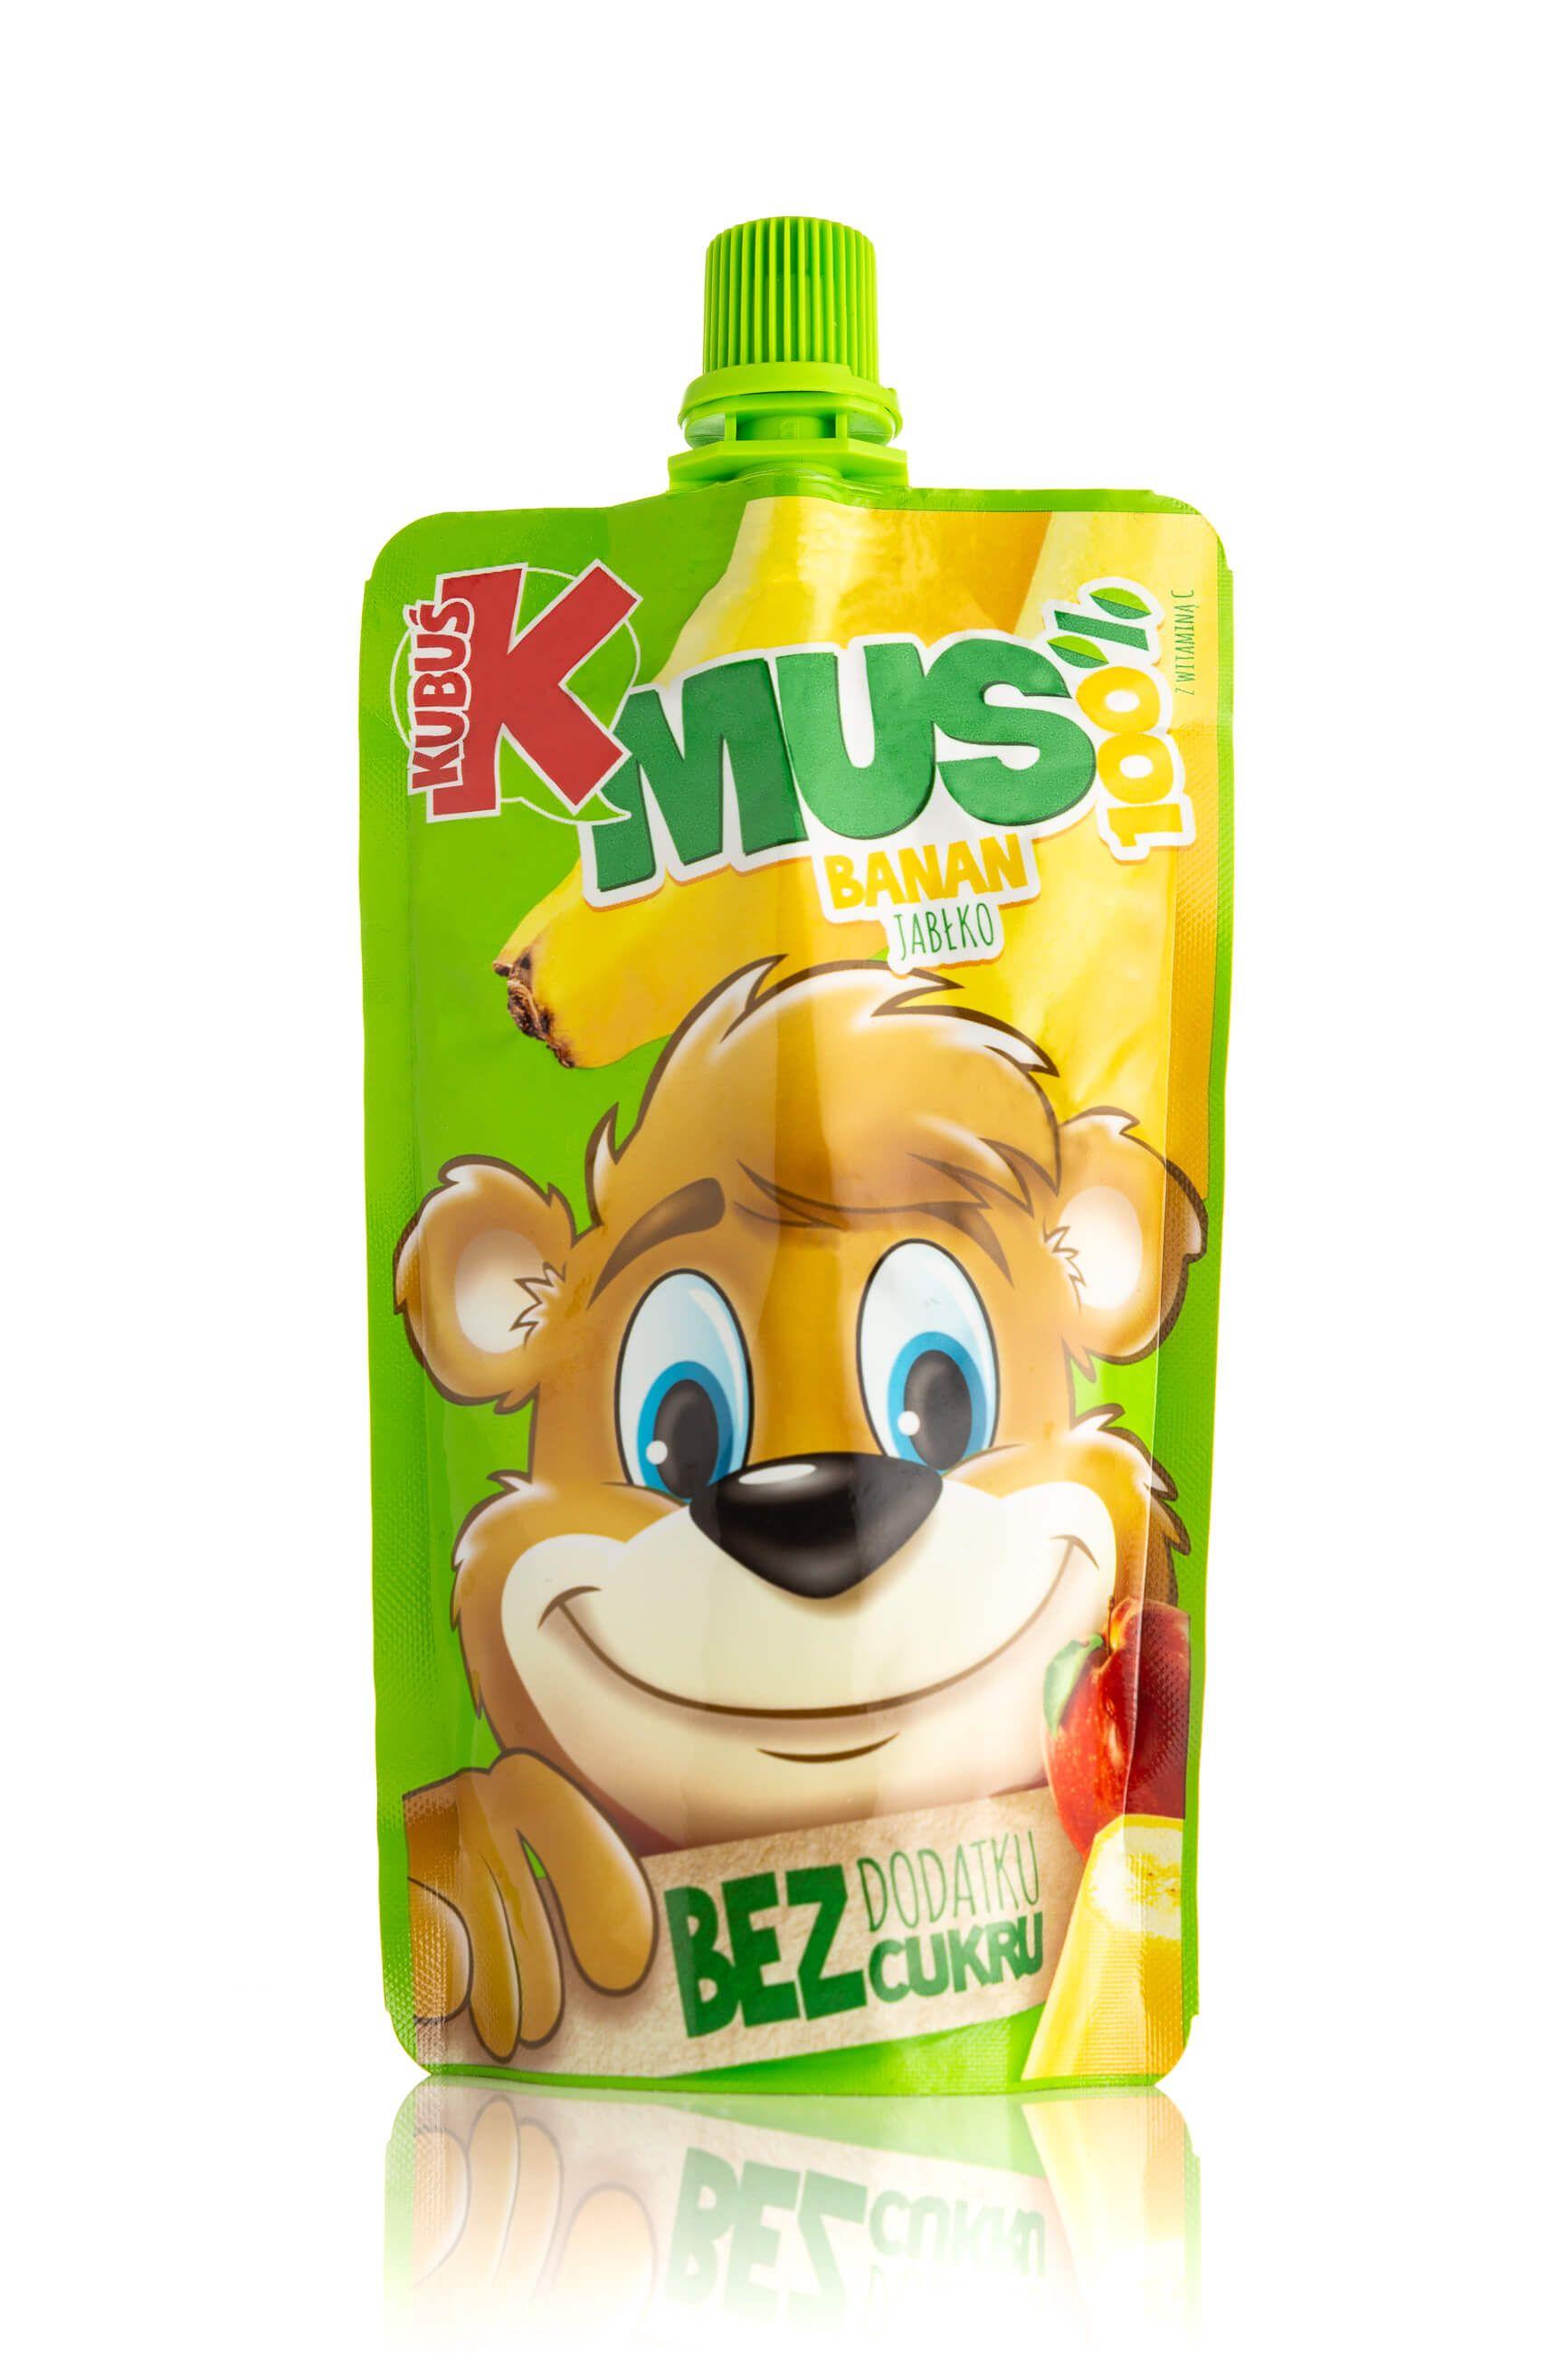 Zdjęcie produktowe typu packshot musu owocowego marki Kubuś